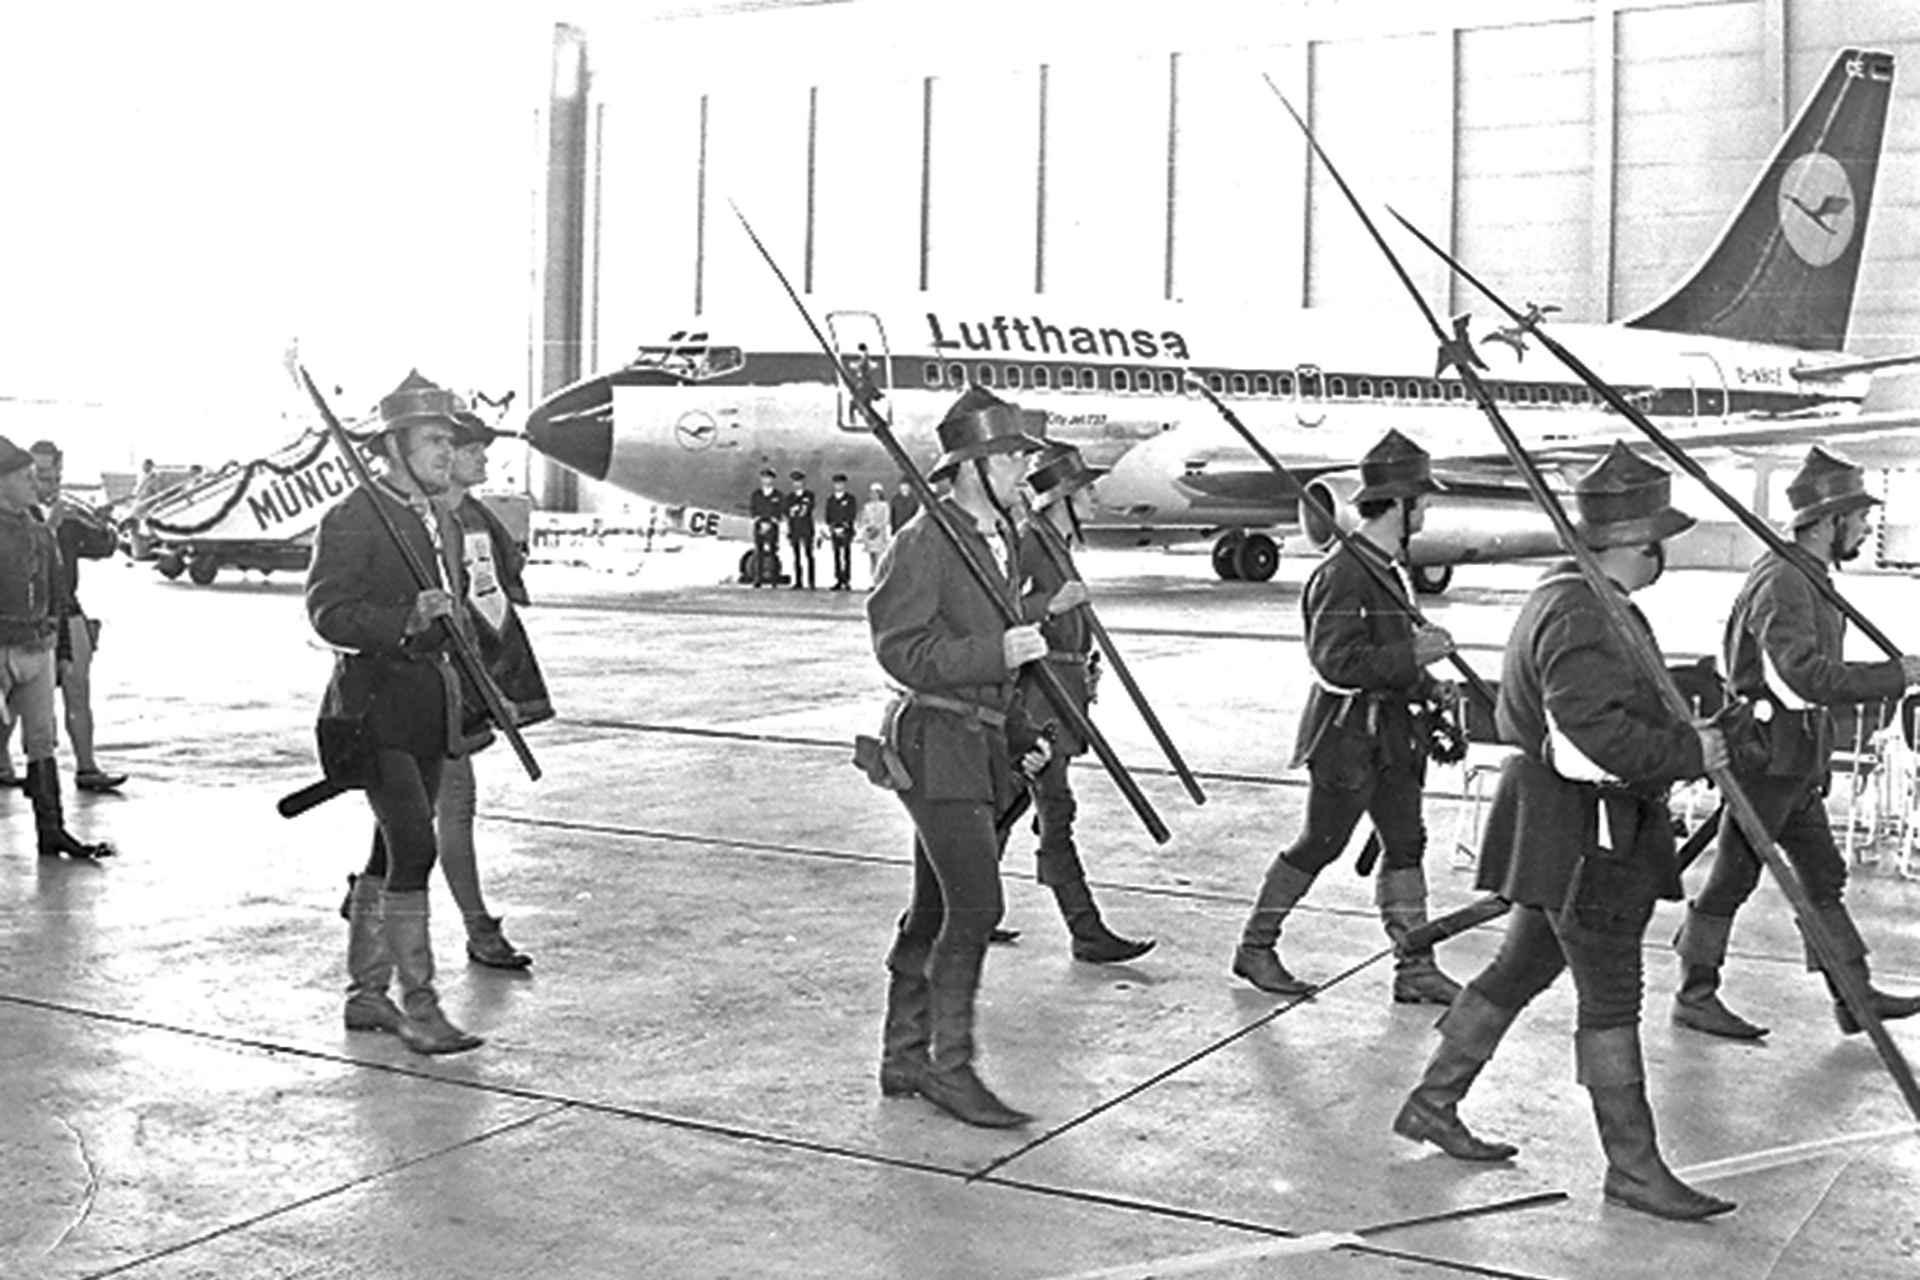 Flugzeugtaufe Landshut 1970